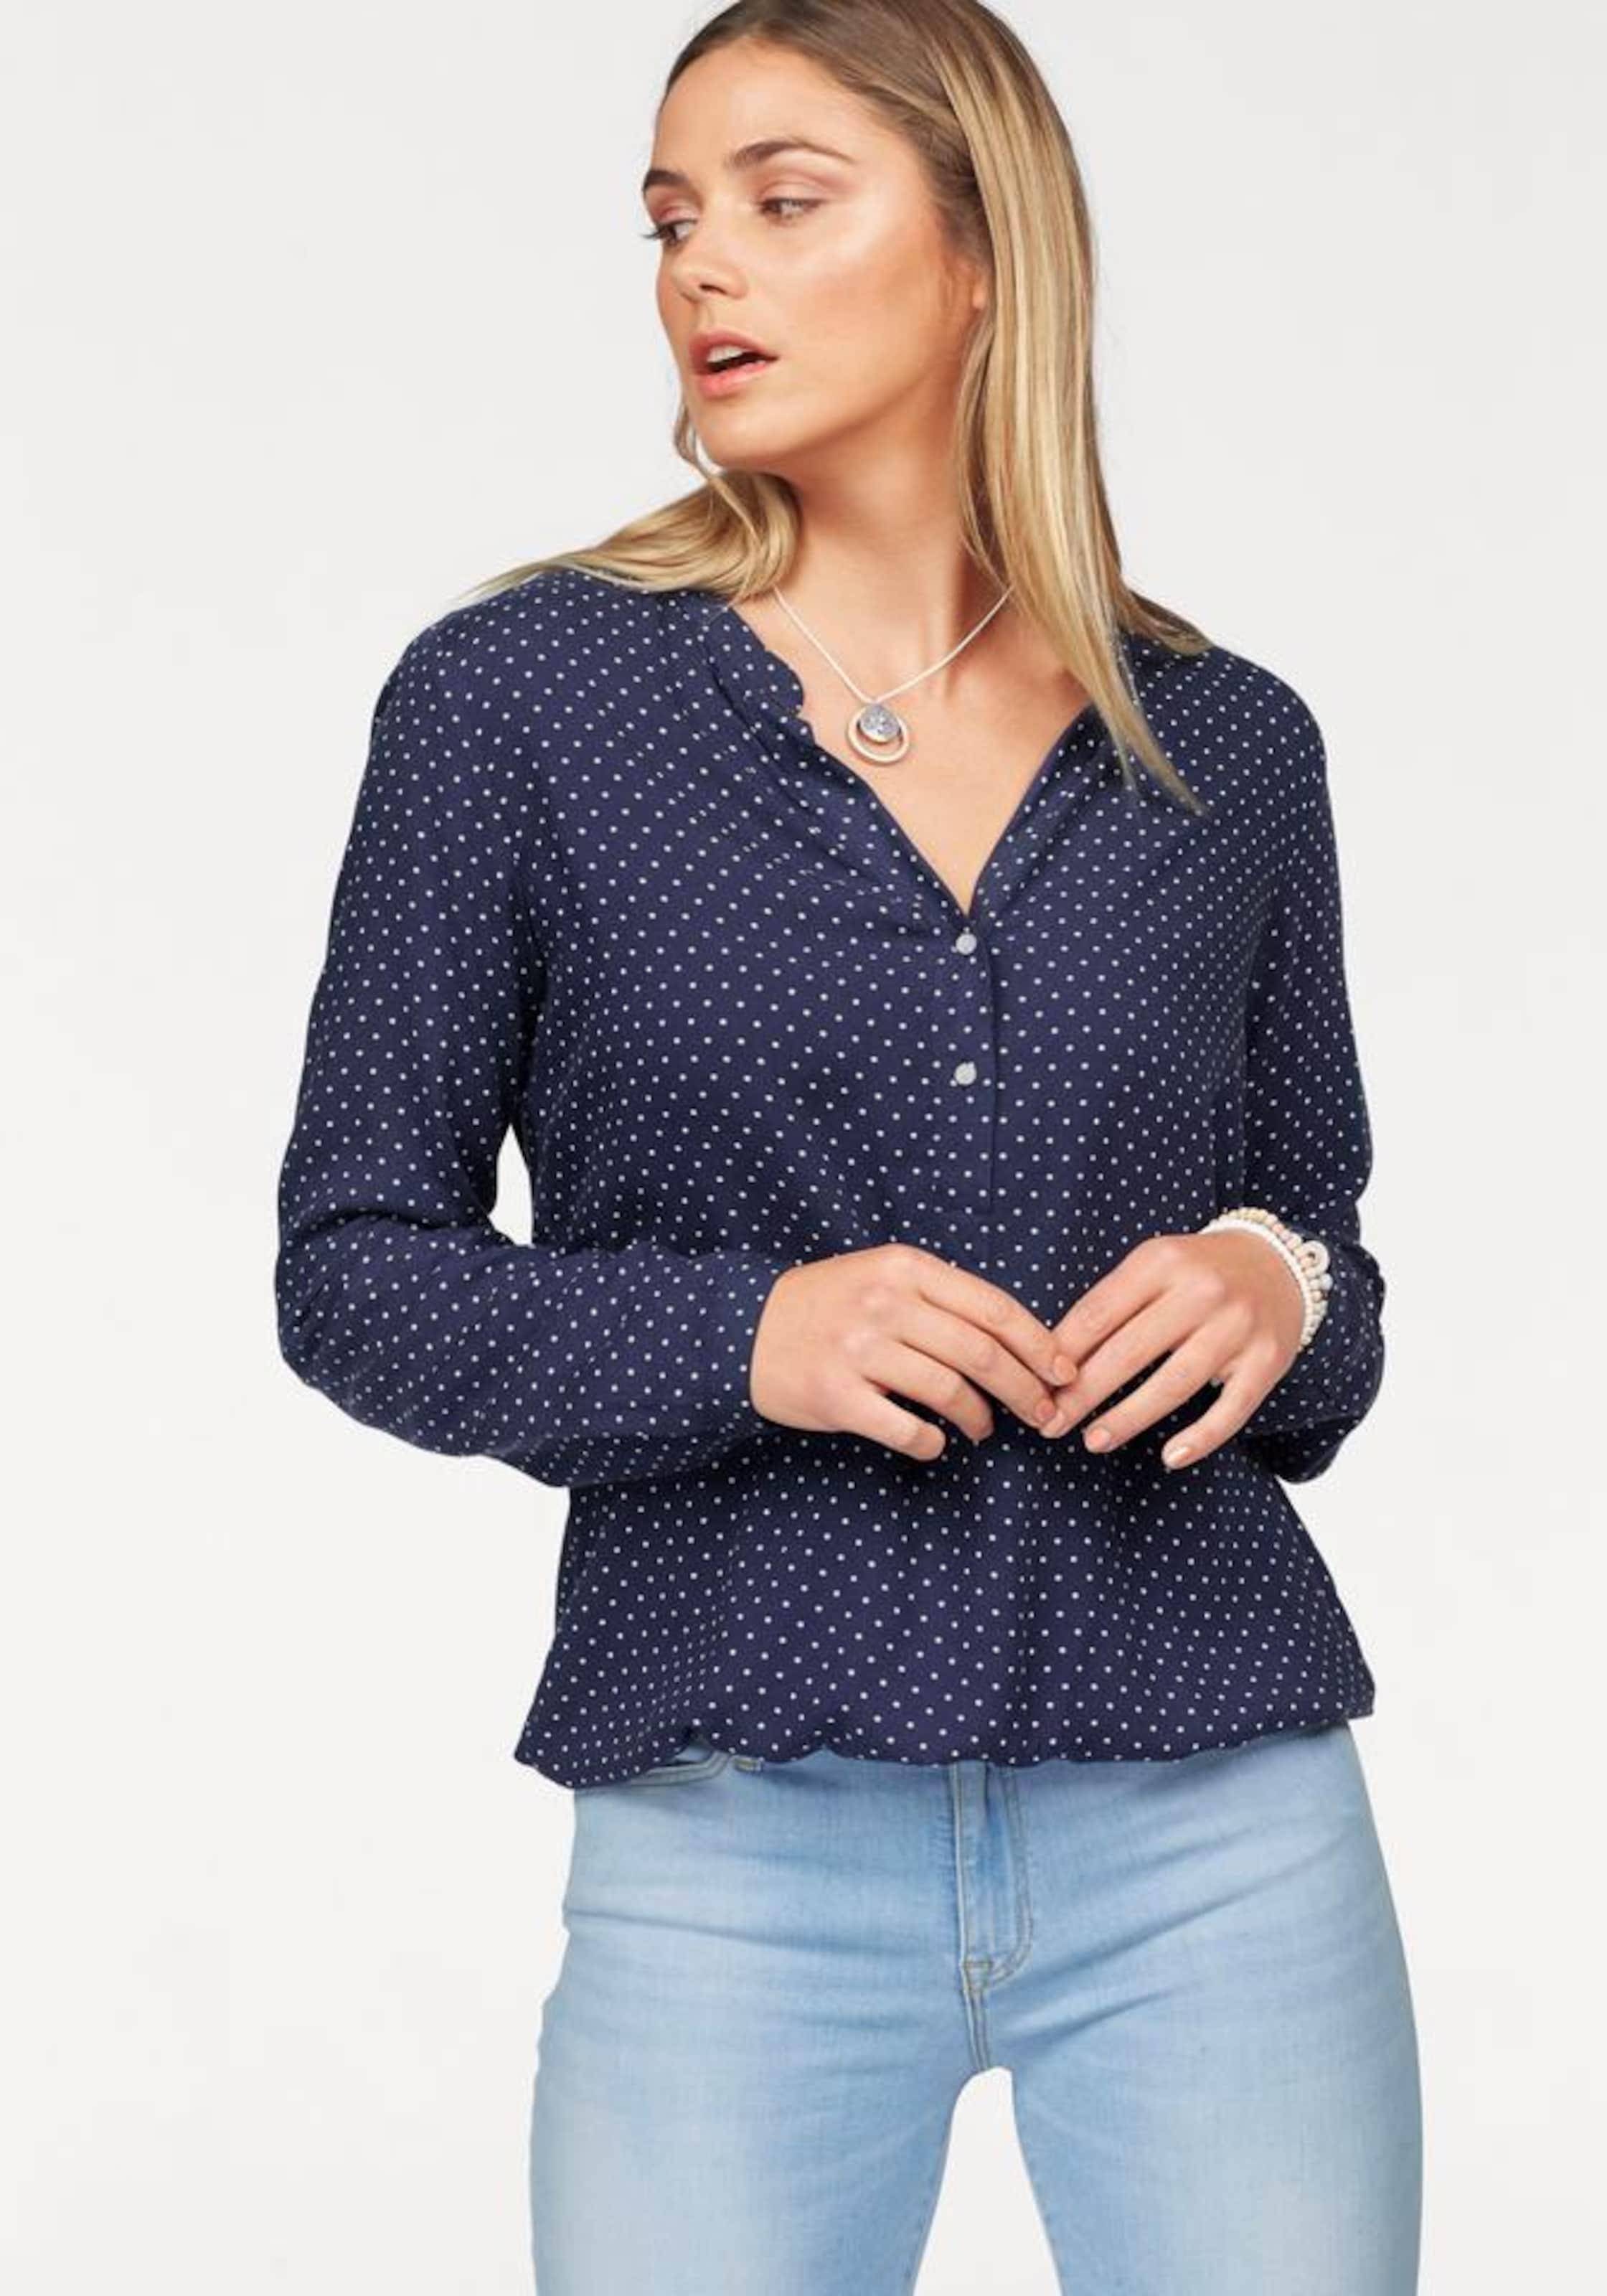 Freies Verschiffen Großer Verkauf Billig Authentisch Cross Jeans Bluse Auslass Günstiger Preis Günstig Kaufen Neueste bWbu3